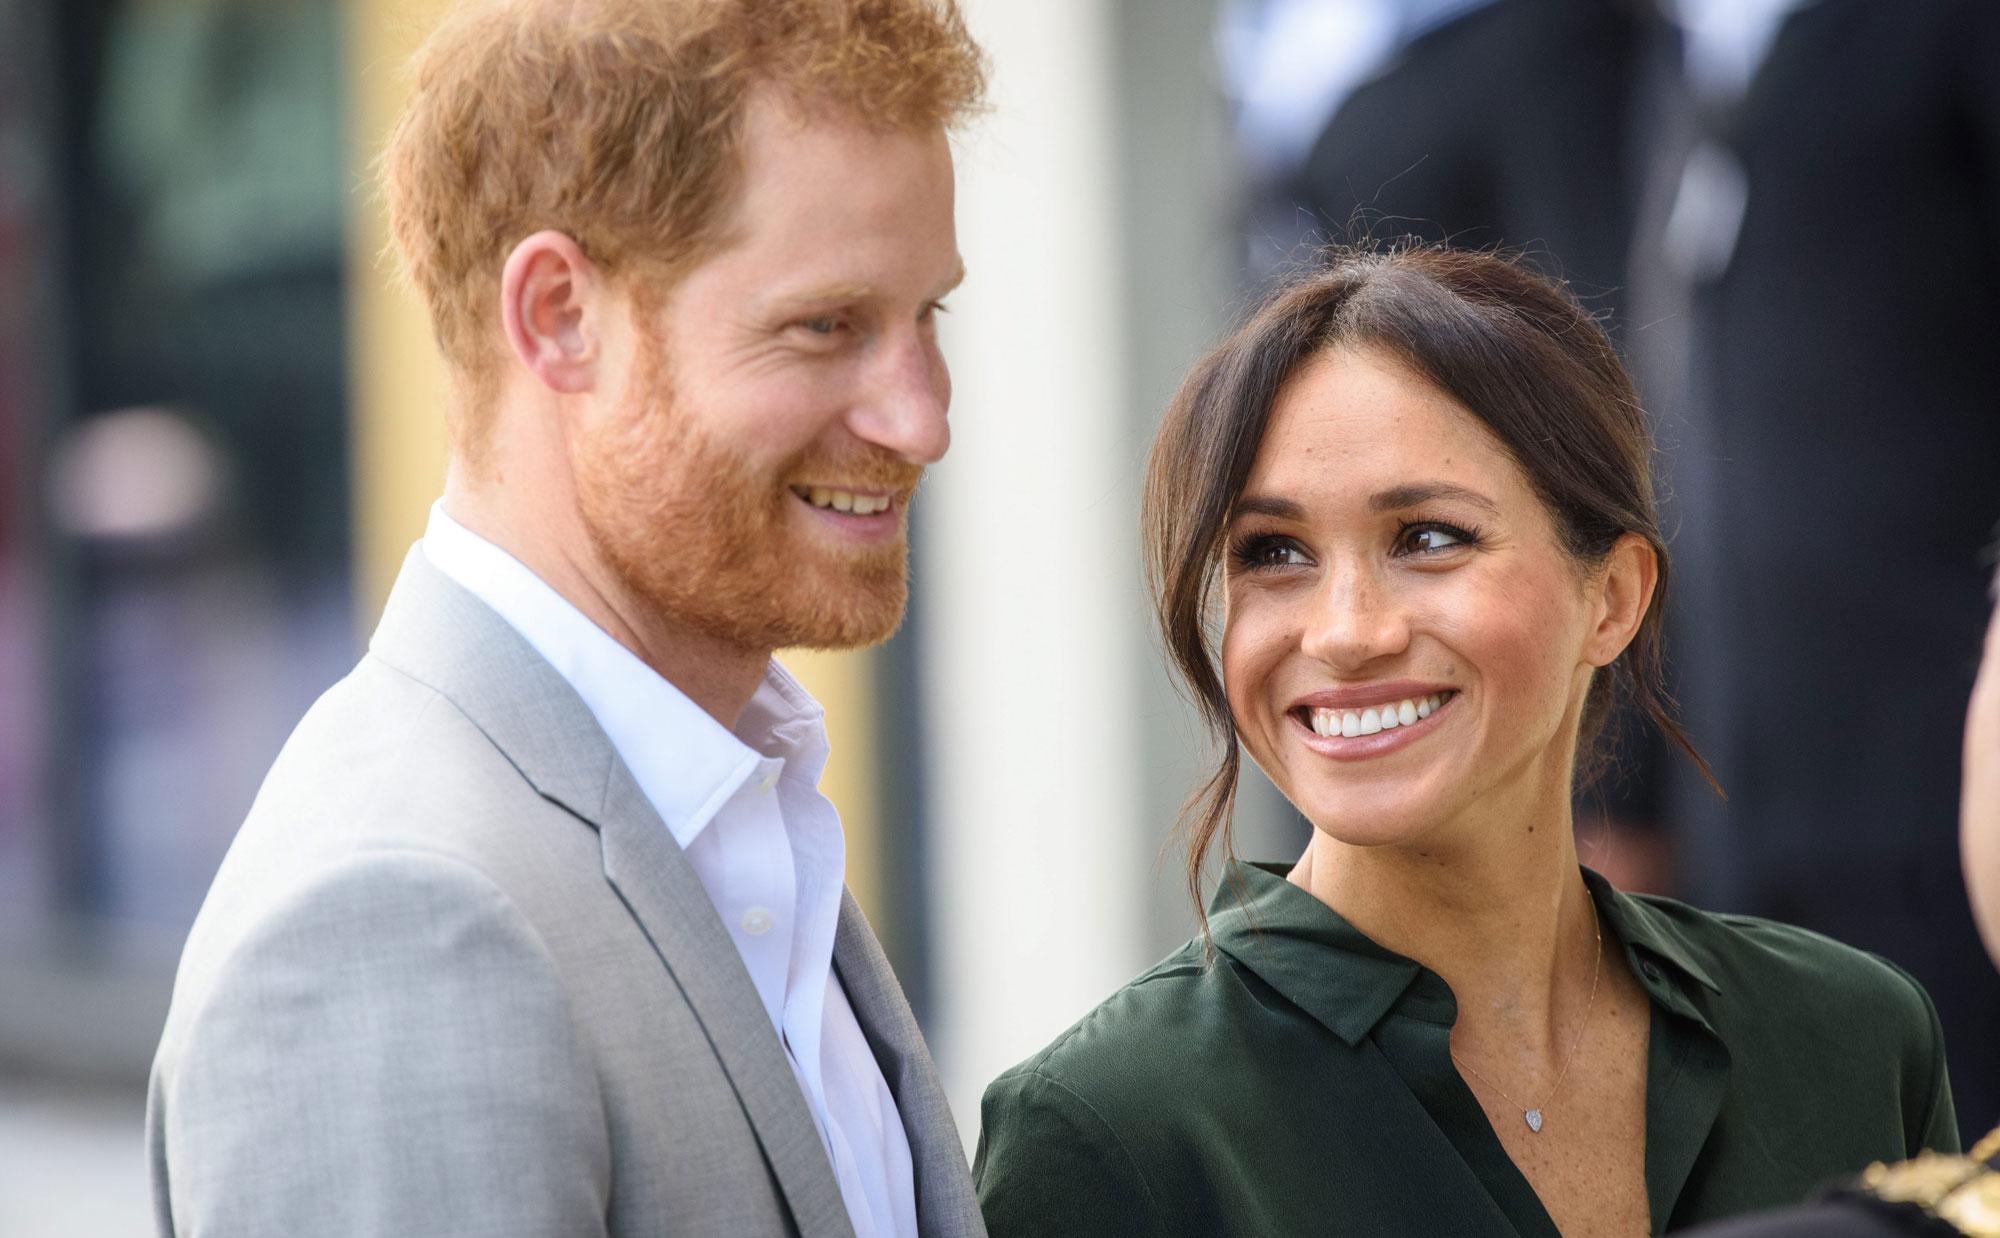 Меган Маркл и принц Гарри дважды проигнорировали день рождения Кейт Миддлтон